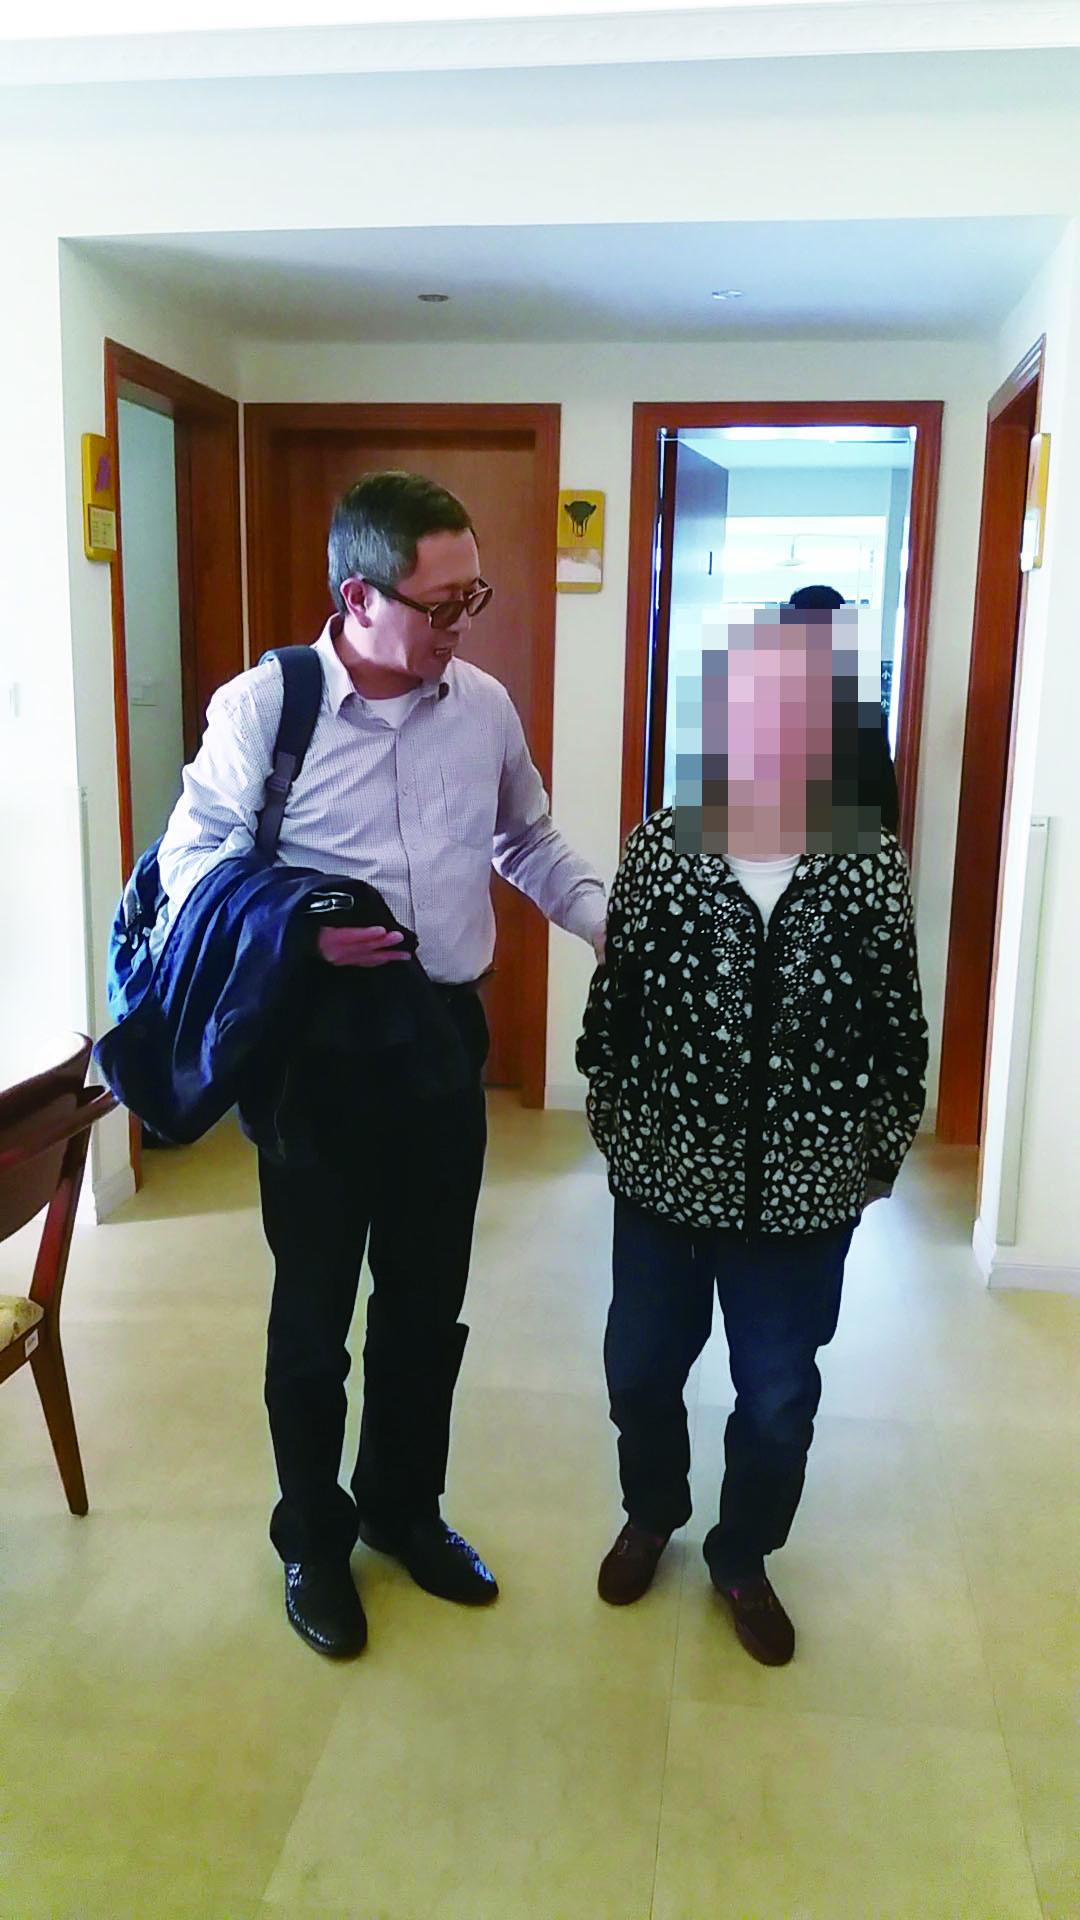 关节退化劳损成因 - 陈少雄医.养会客室